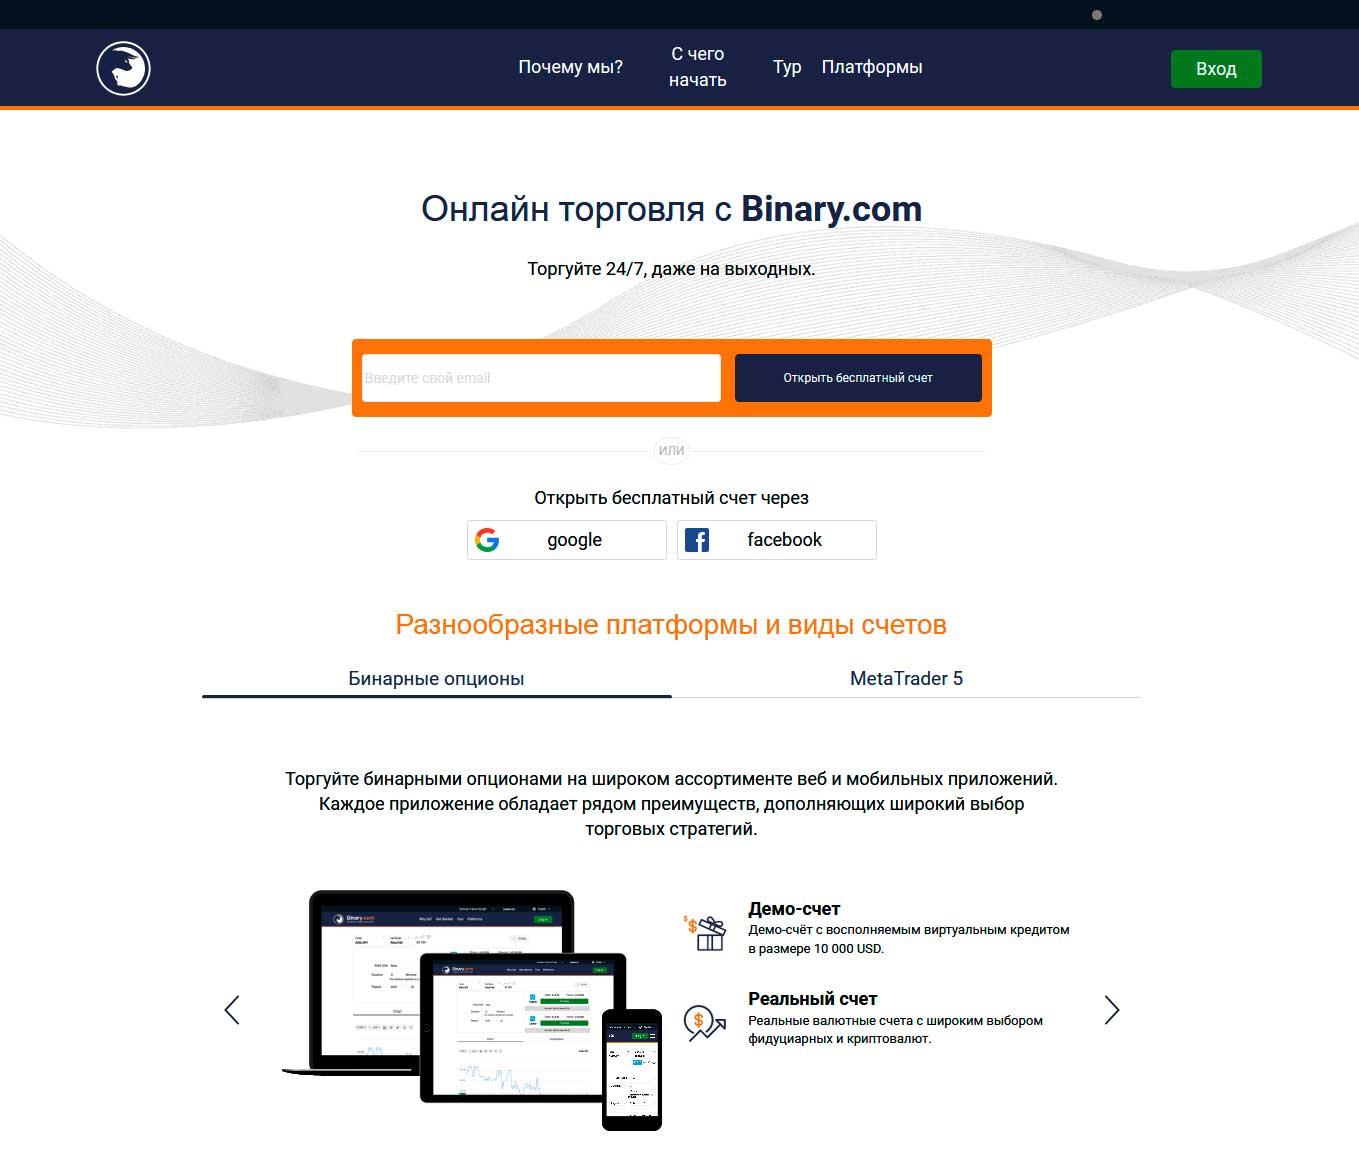 бинари ком официальный сайт